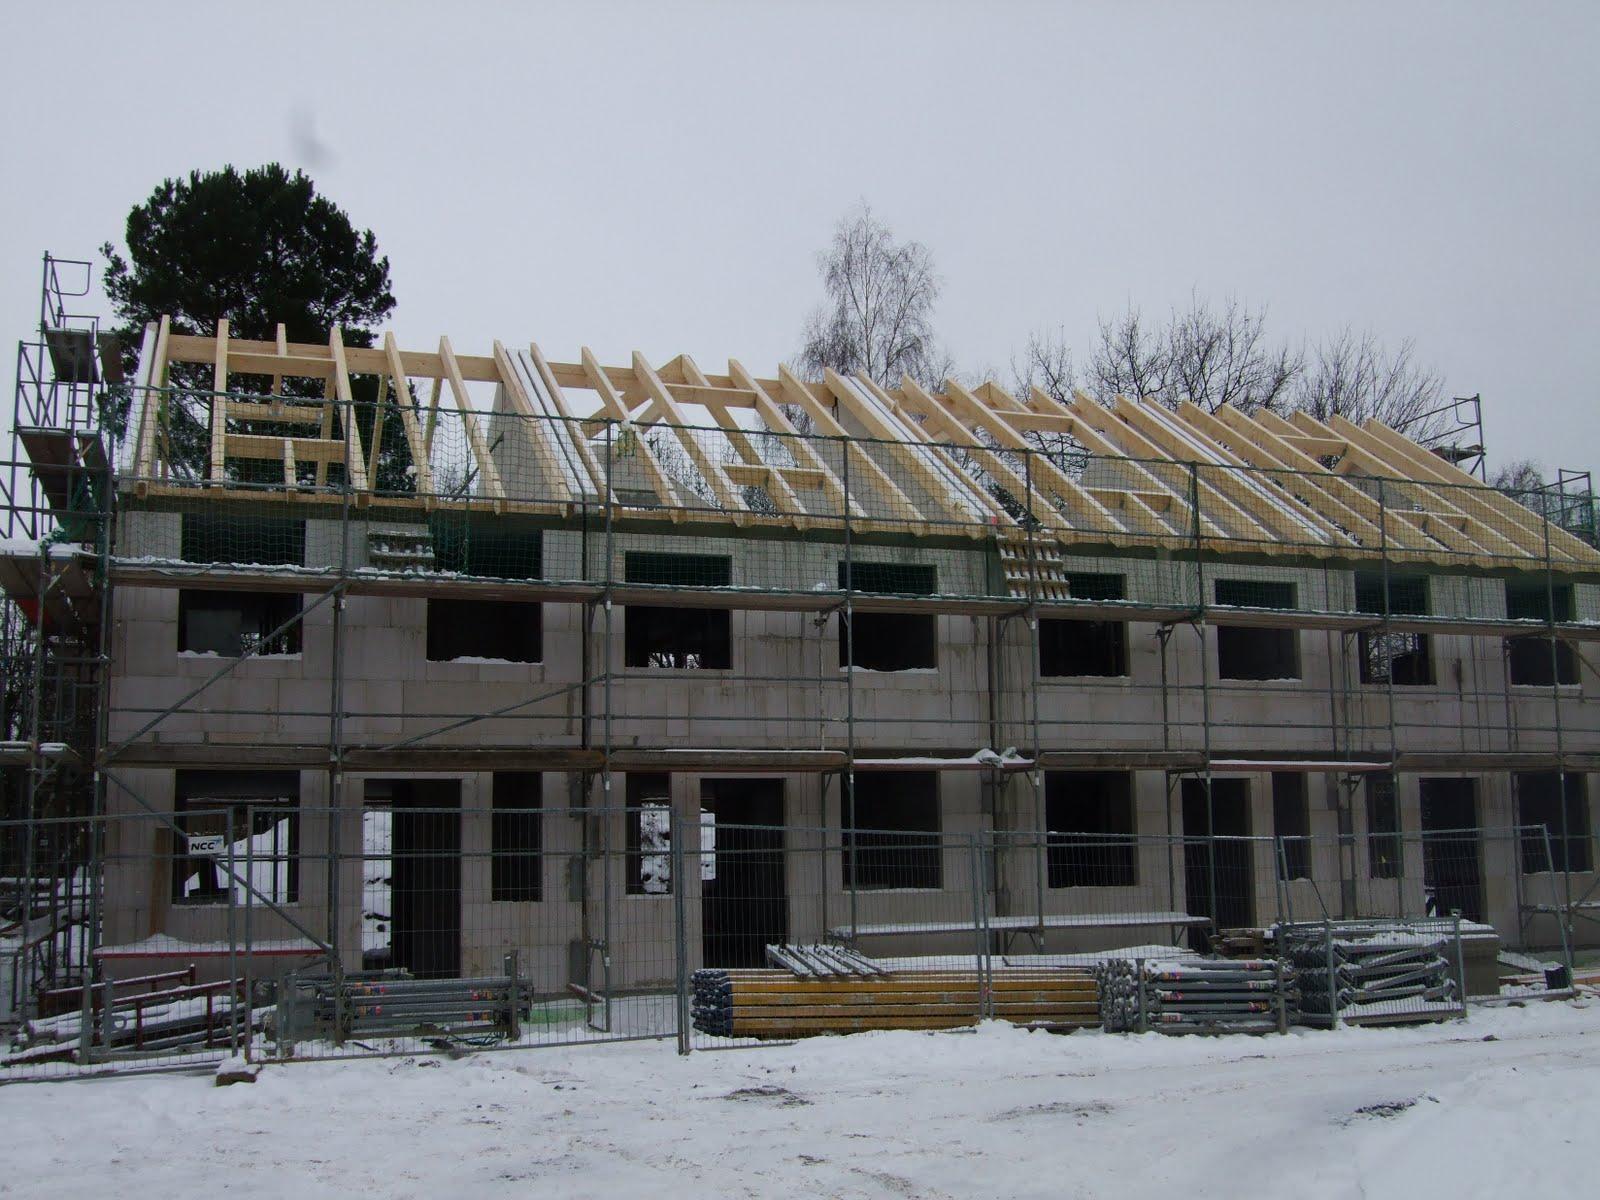 hausbau mit ncc deutschland typ tilia auch im schnee wird gebaut. Black Bedroom Furniture Sets. Home Design Ideas